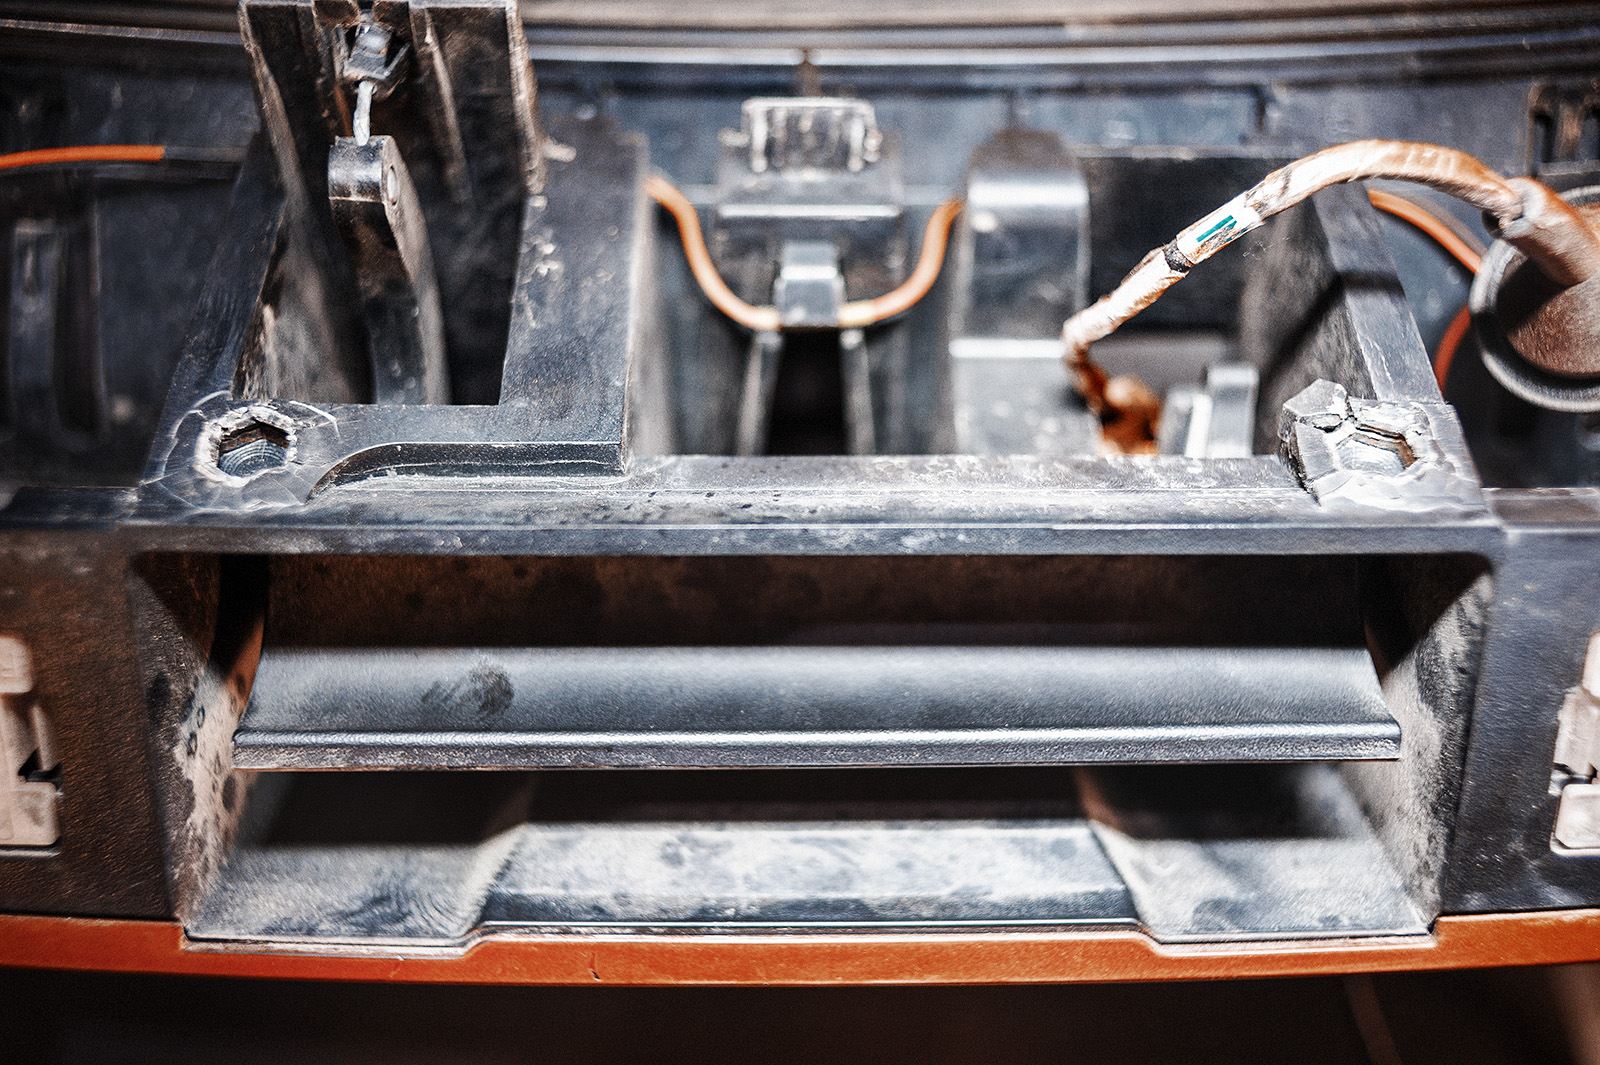 Крепёжные болты панели багажника выдираются с мясом